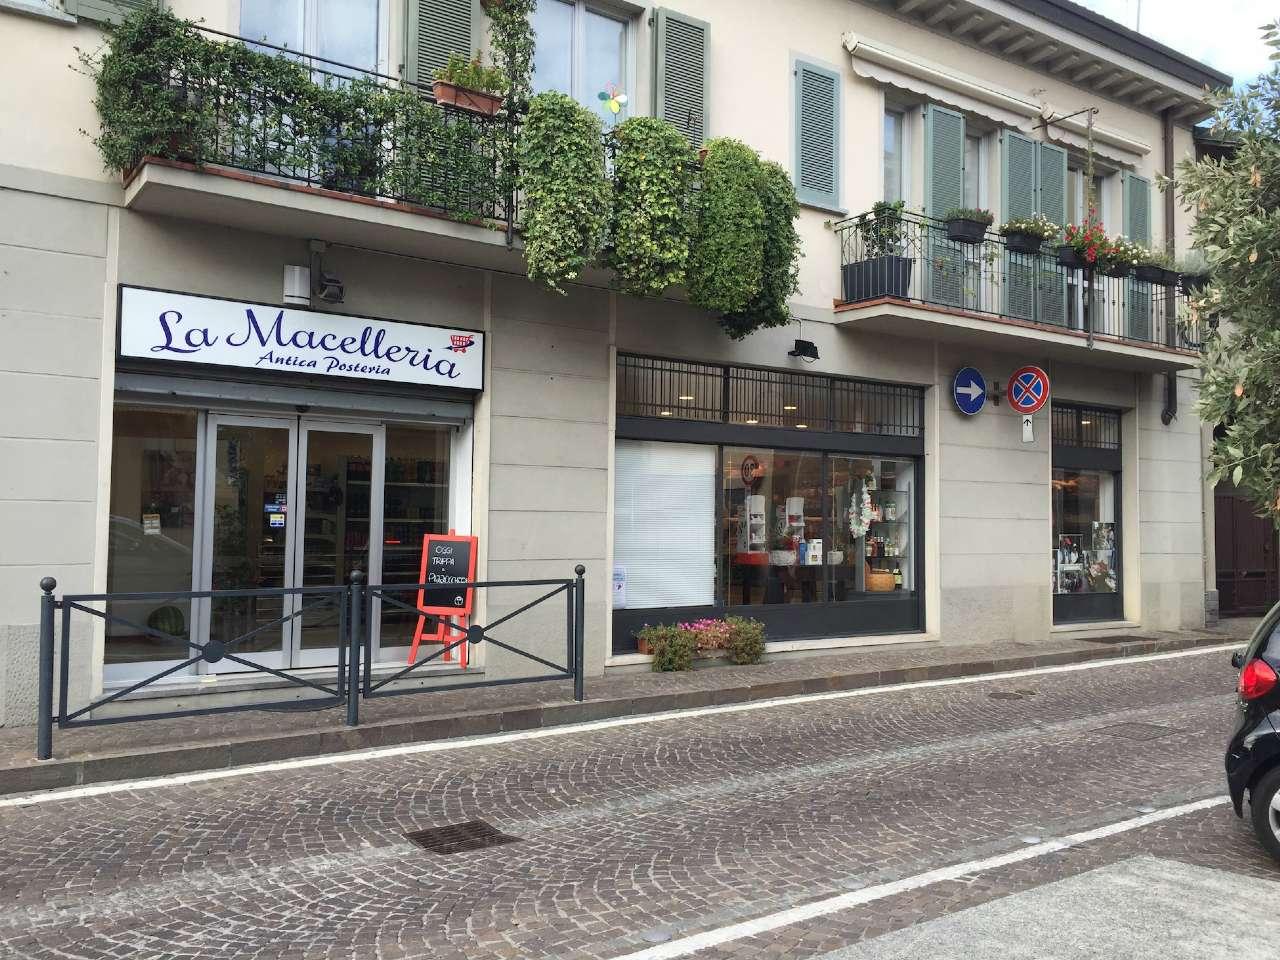 Negozio / Locale in vendita a Verano Brianza, 9999 locali, Trattative riservate | CambioCasa.it